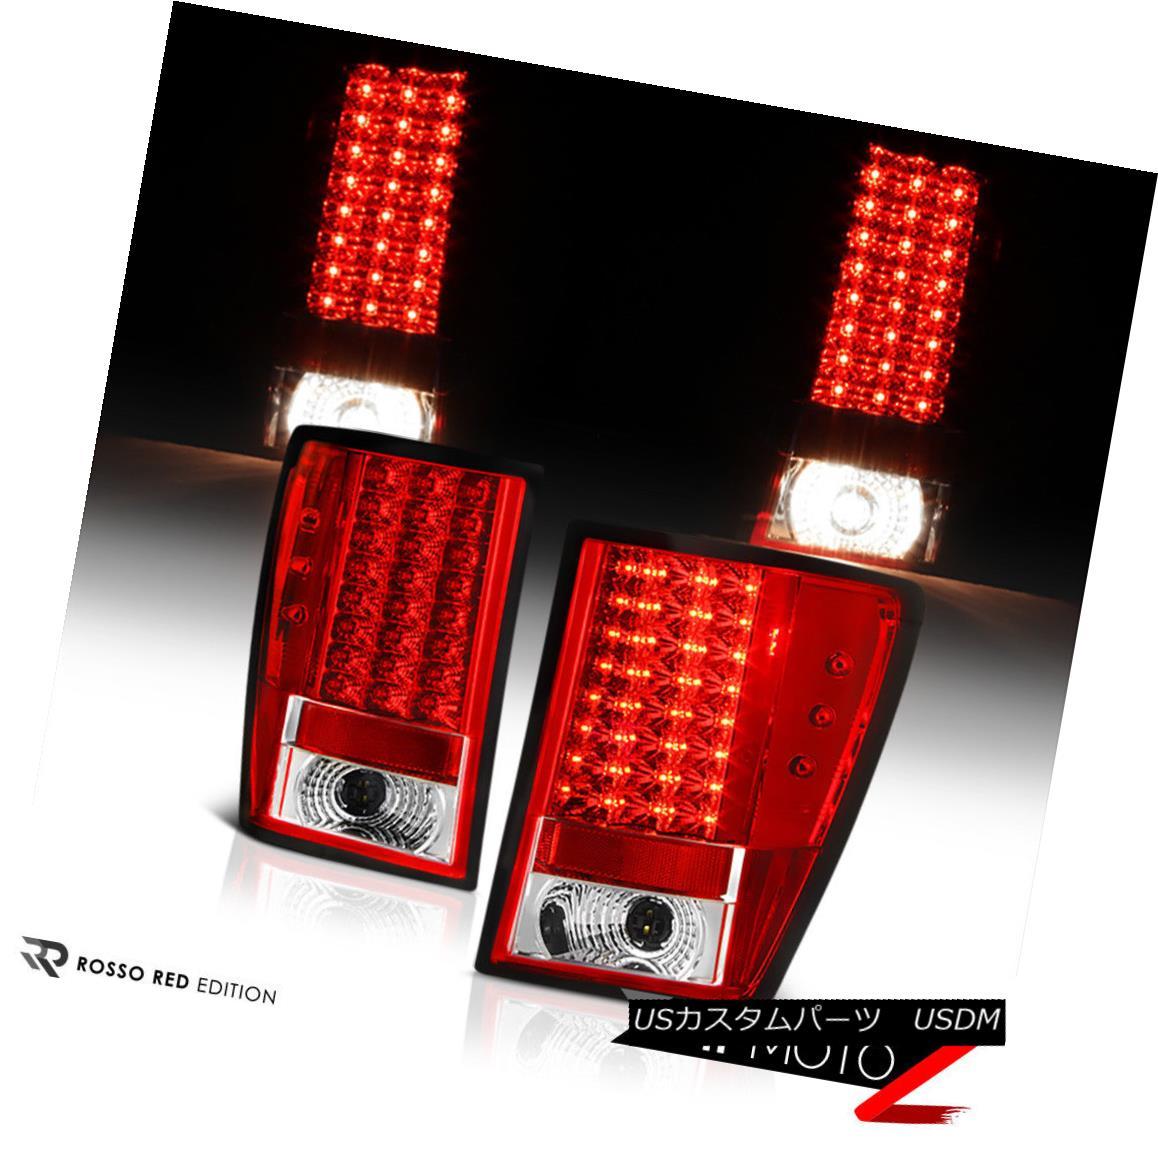 テールライト 2005-2006 GRAND CHEROKEE RED/CLEAR LED Brake Signal Lamp Tail Light Left+Right 2005-2006 GRAND CHEROKEE RED / CLEAR LEDブレーキ信号ランプテールライト左+右